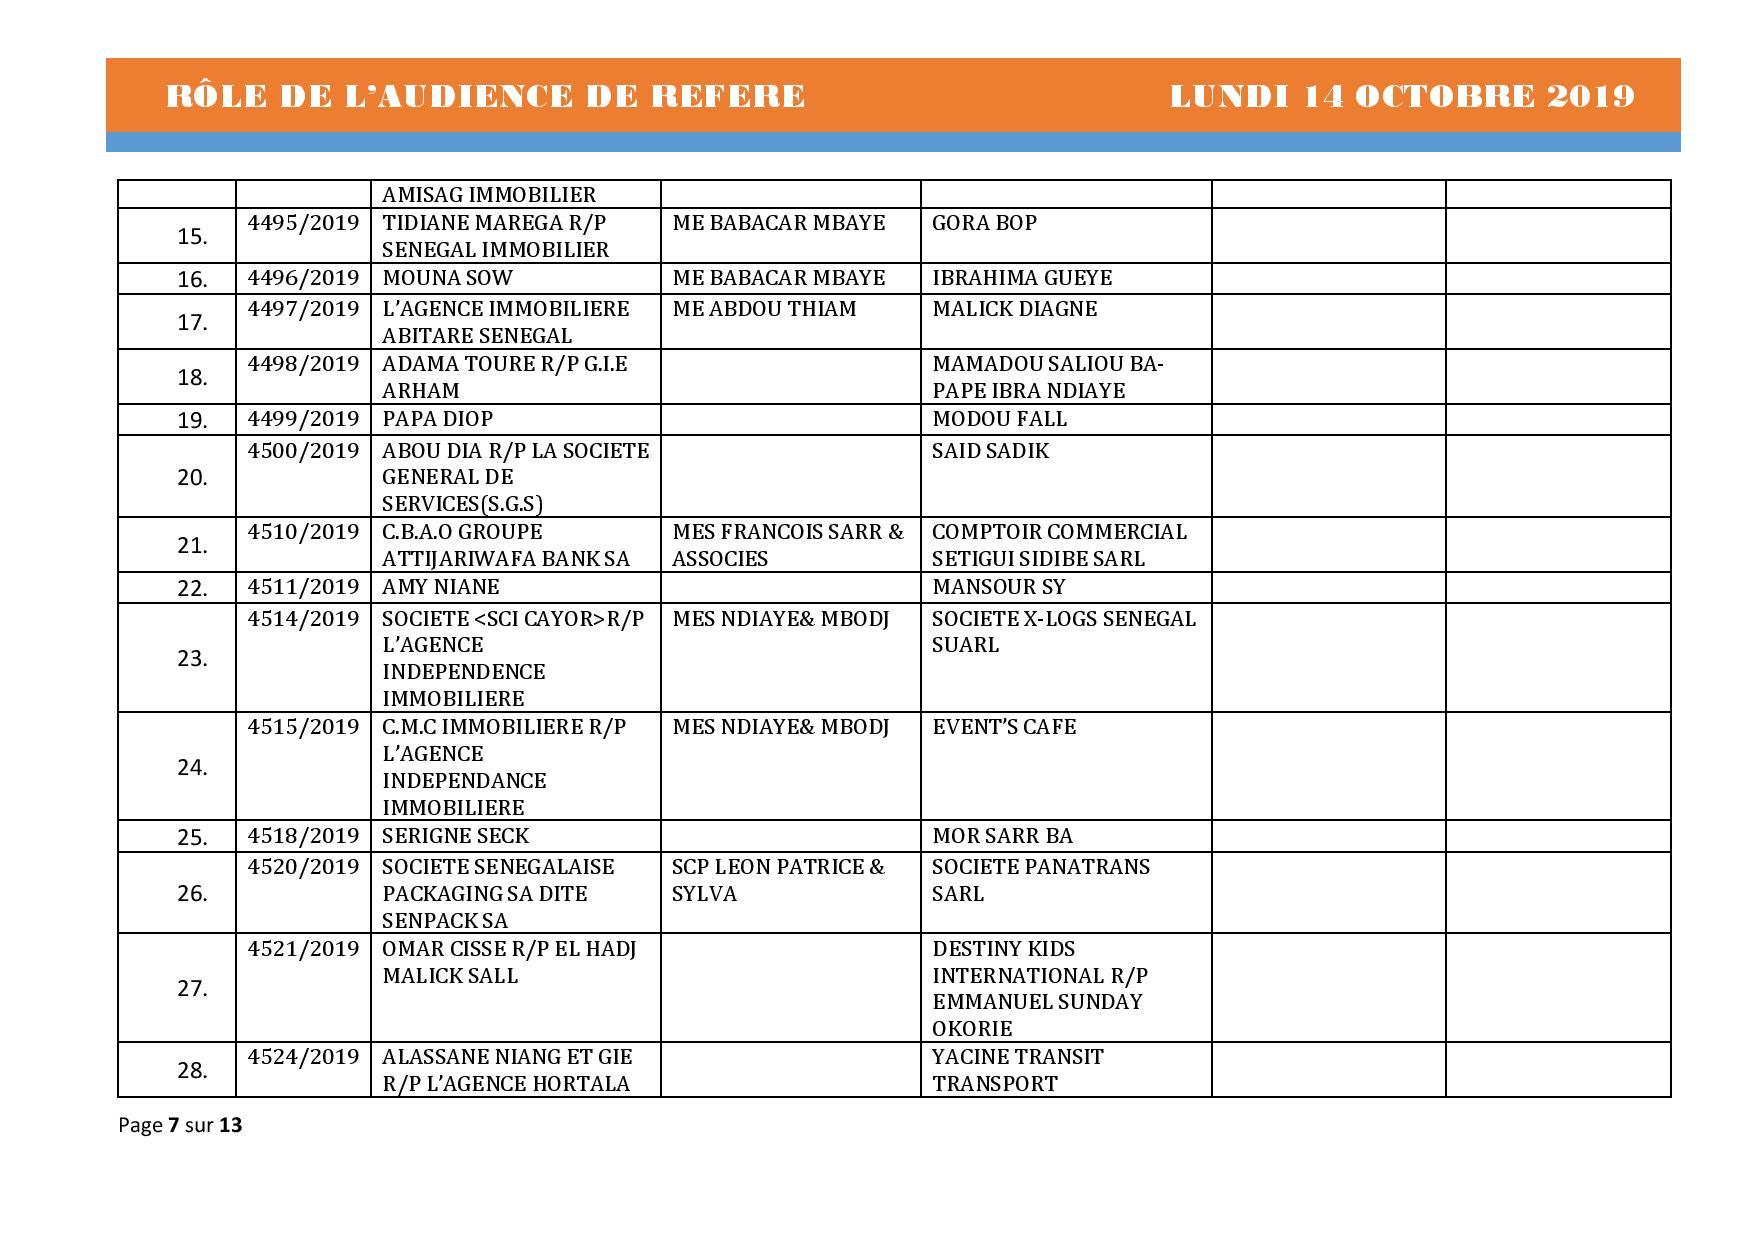 Tribunal du Commerce: Audiences des Référés de ce lundi 14 octobre